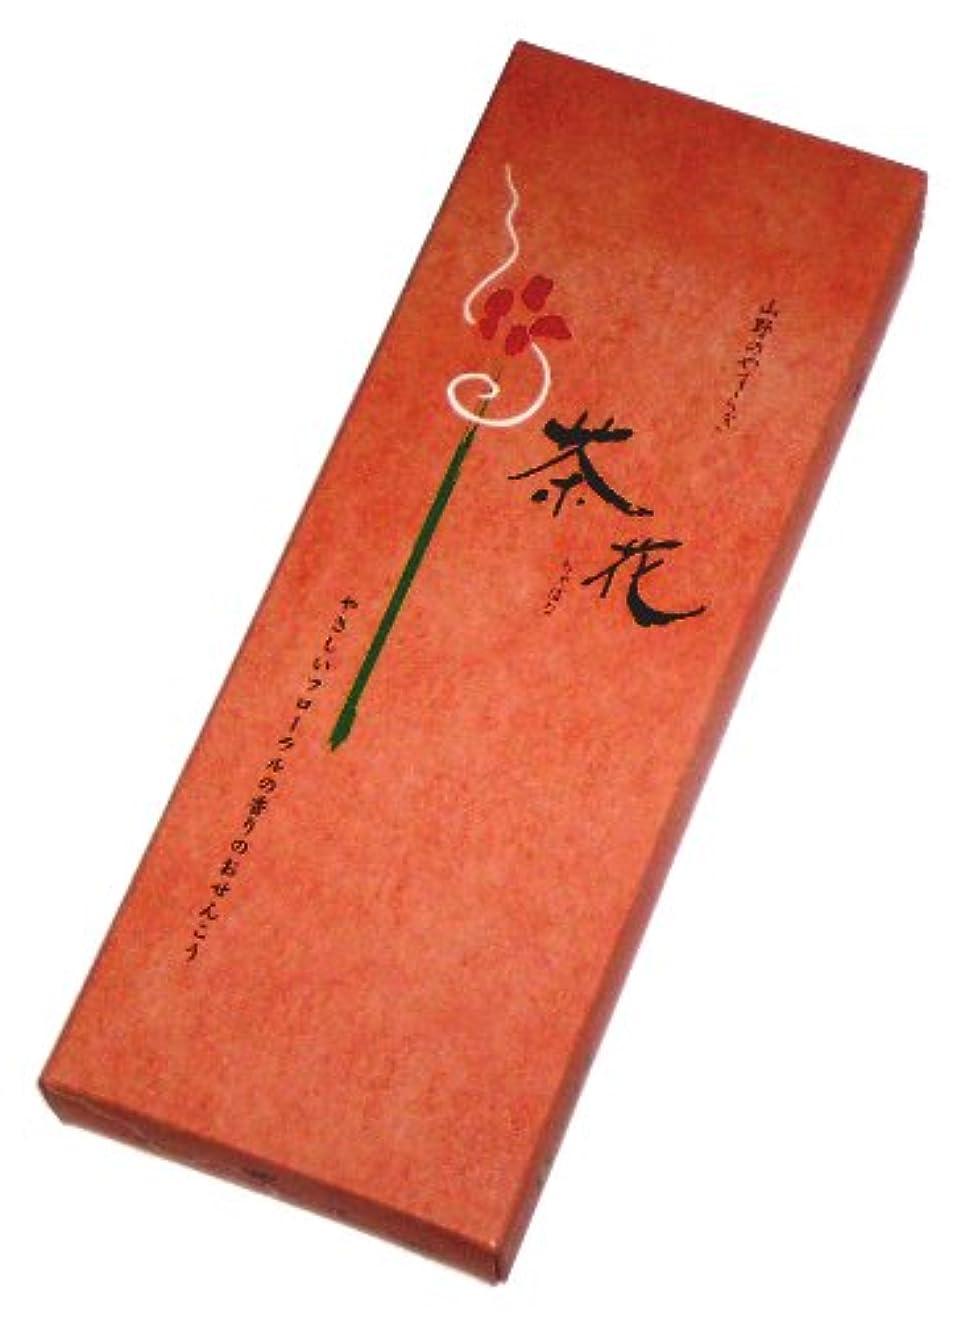 ピック広々とした交渉する尚林堂のお線香 茶花 有煙 長寸バラ